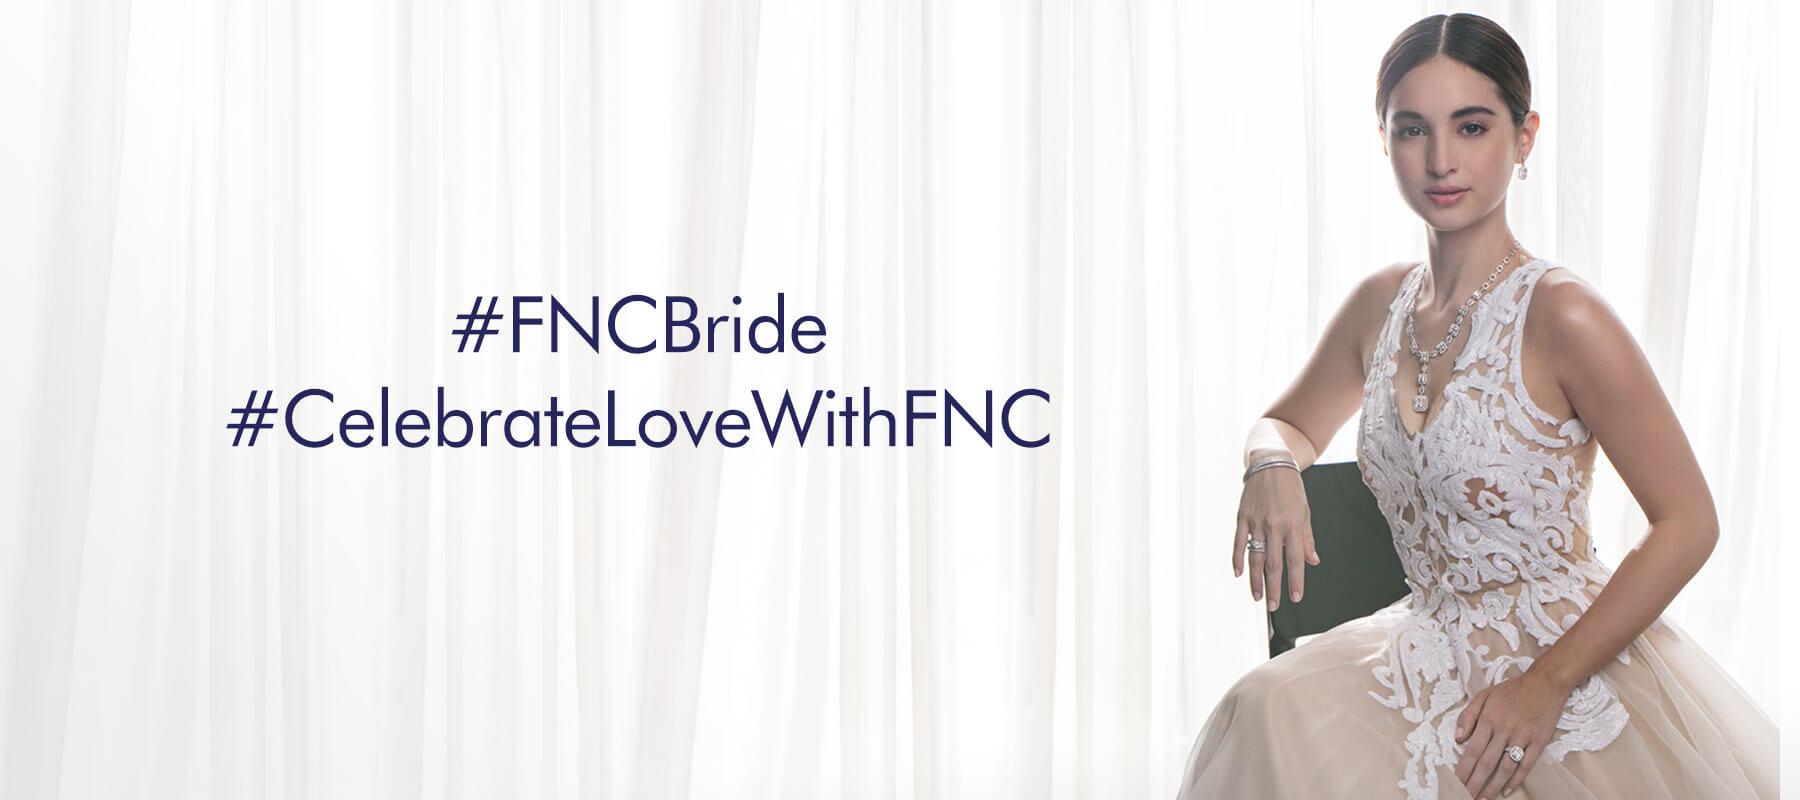 FNC Bride